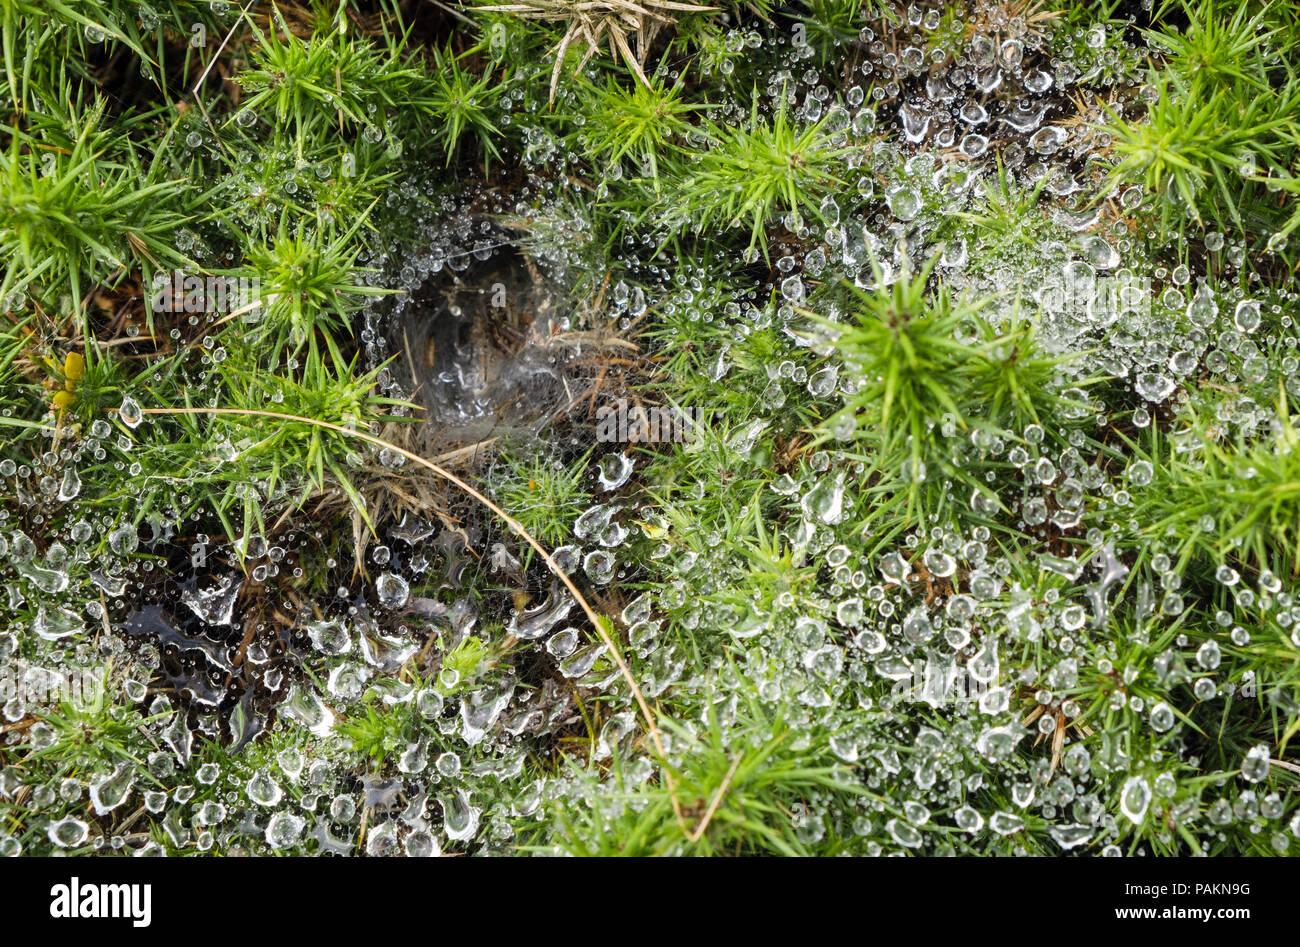 Labyrinth Spider (Agelena labyrinthica) cobweb with dew drops of water on a Gorse Bush.  Nefyn, Llyn Peninsula, Gwynedd, north Wales, UK, Britain - Stock Image